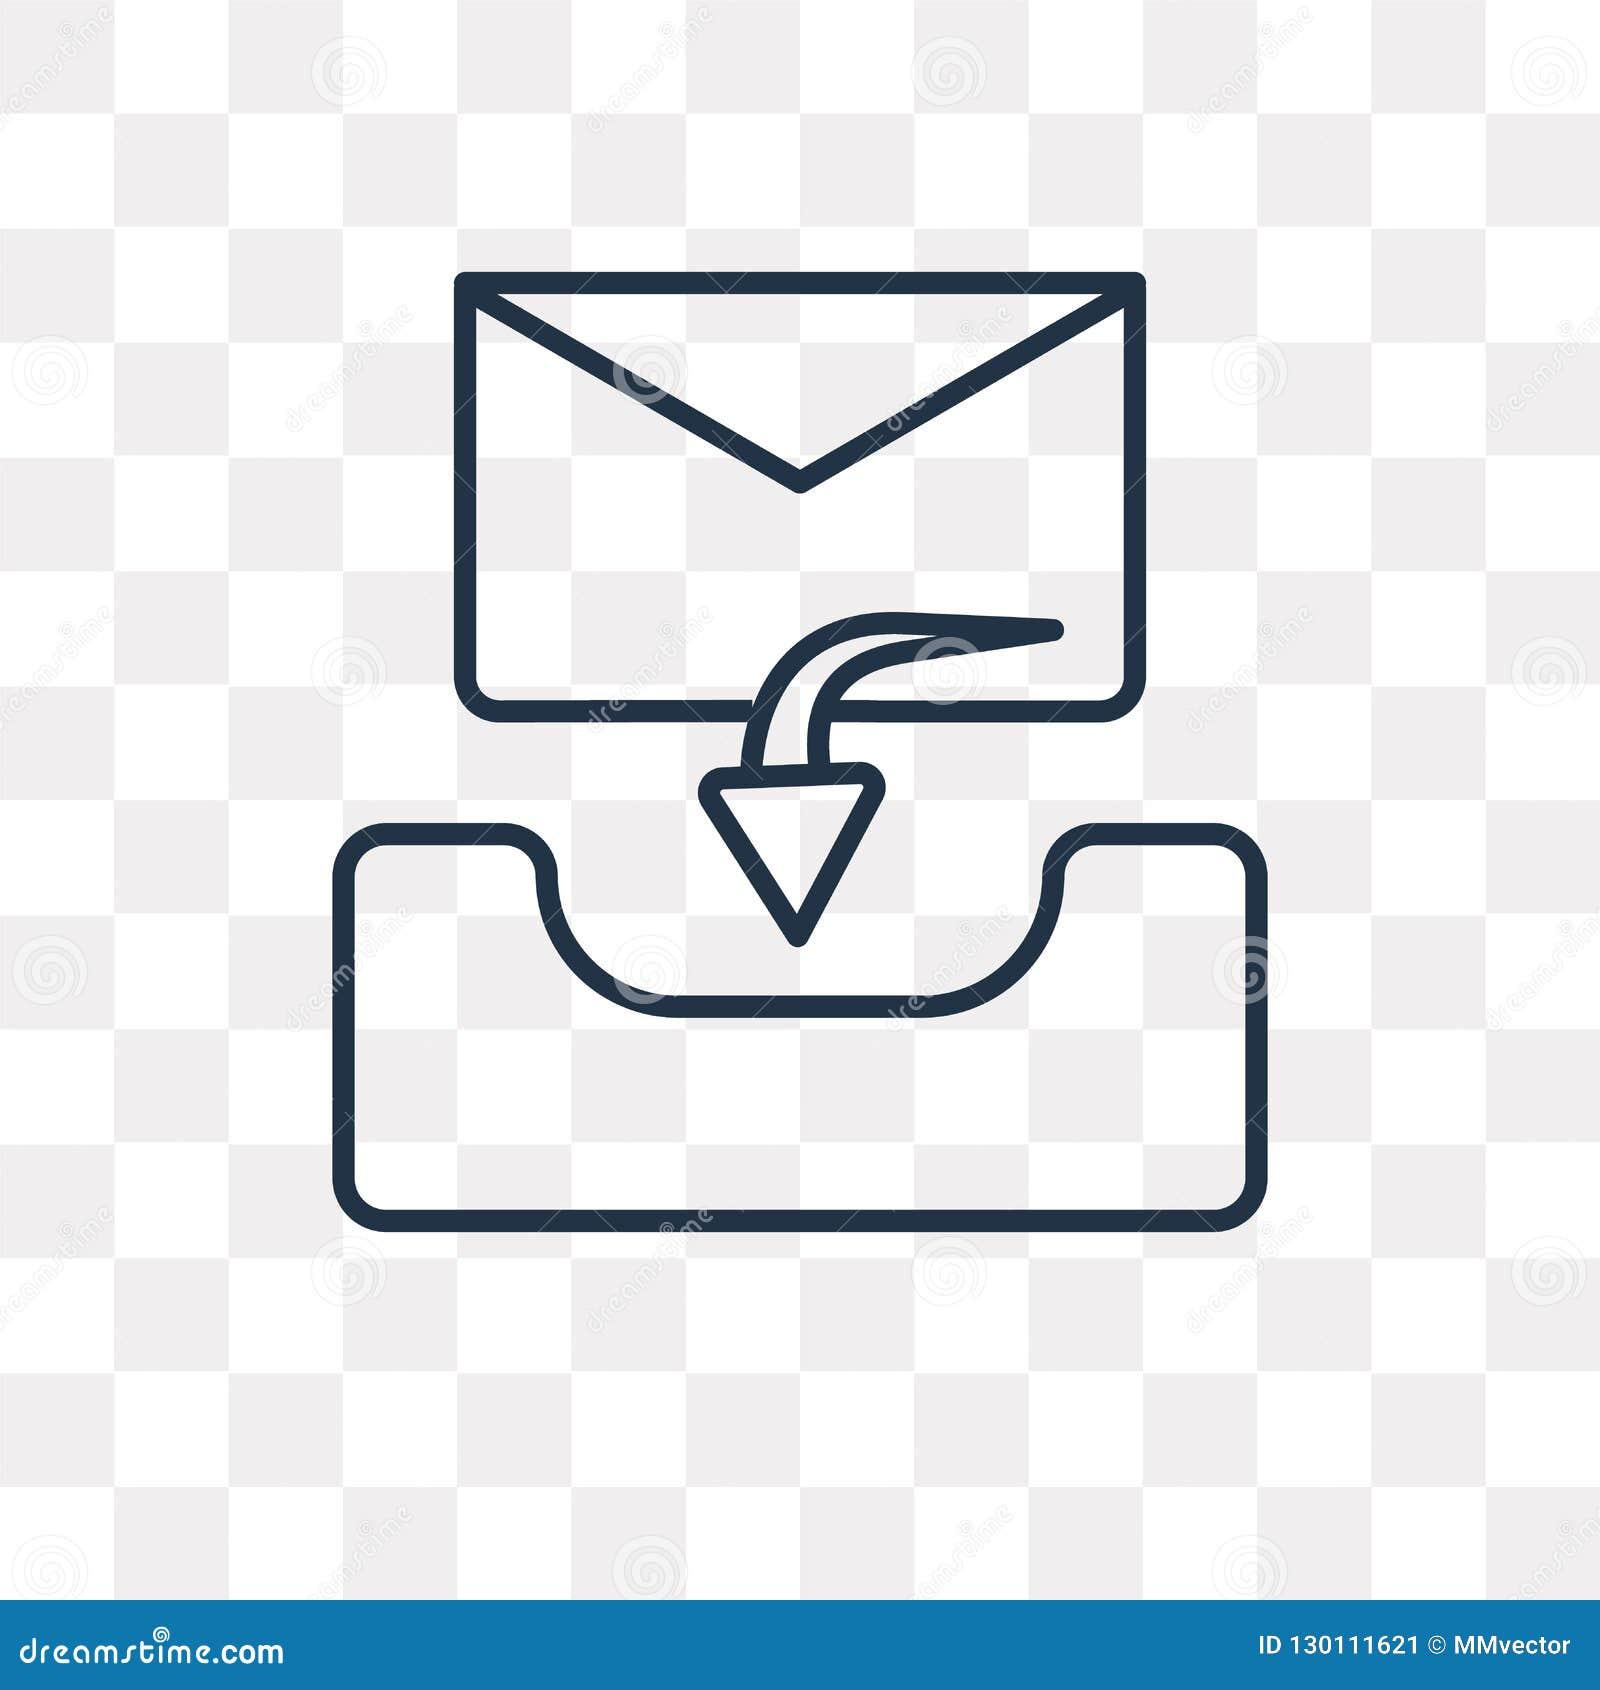 Inbox vectordiepictogram op transparante achtergrond, lineaire Inb wordt geïsoleerd